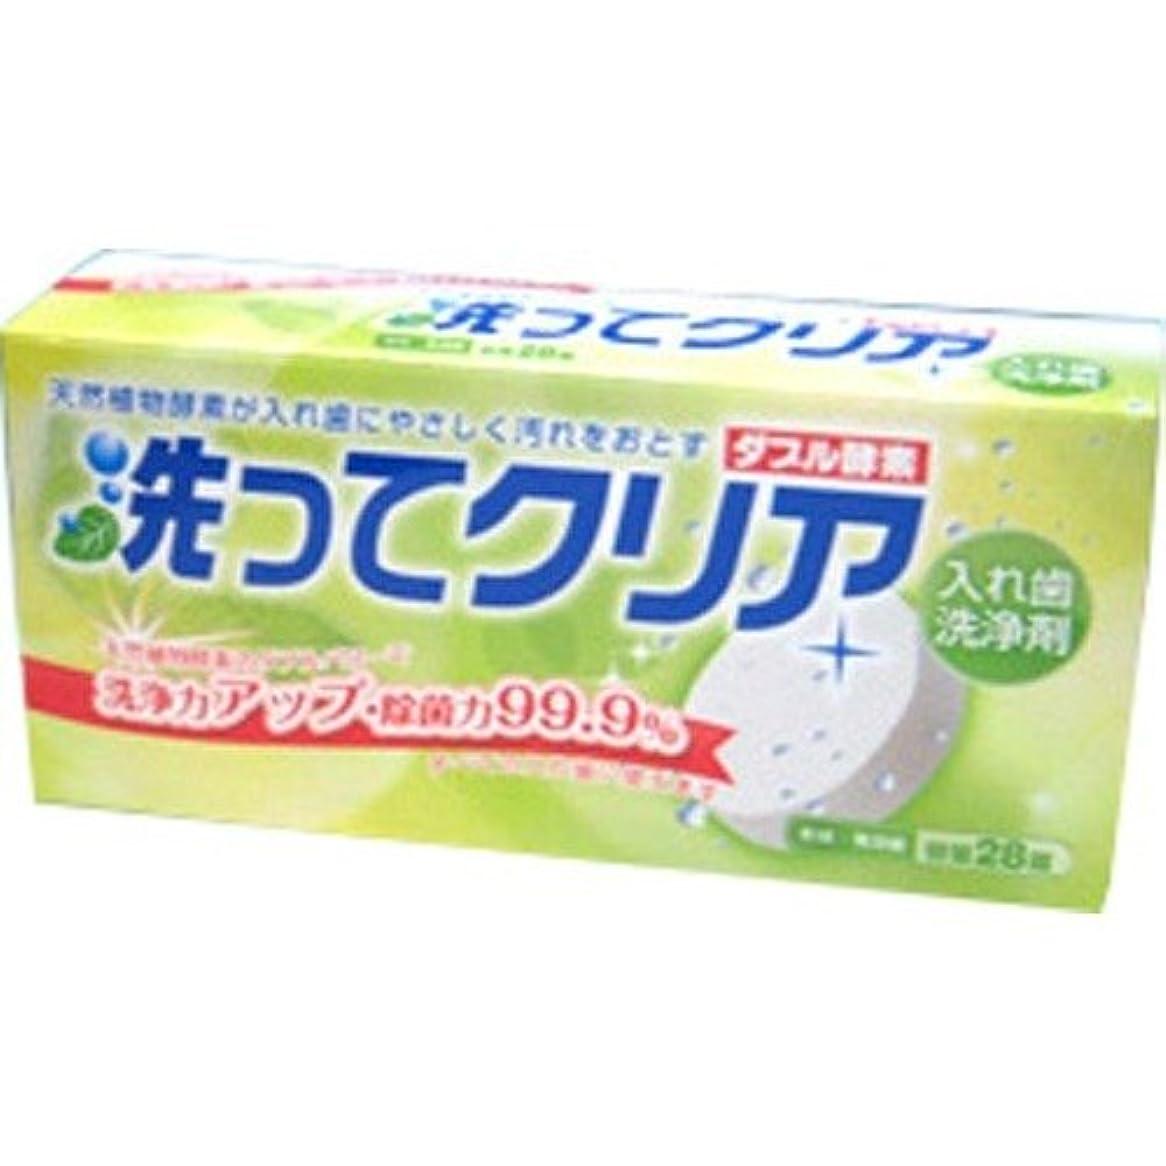 飢えベイビー周波数東伸洋行株式会社 洗ってクリア ダブル酵素 28錠 入れ歯洗浄剤